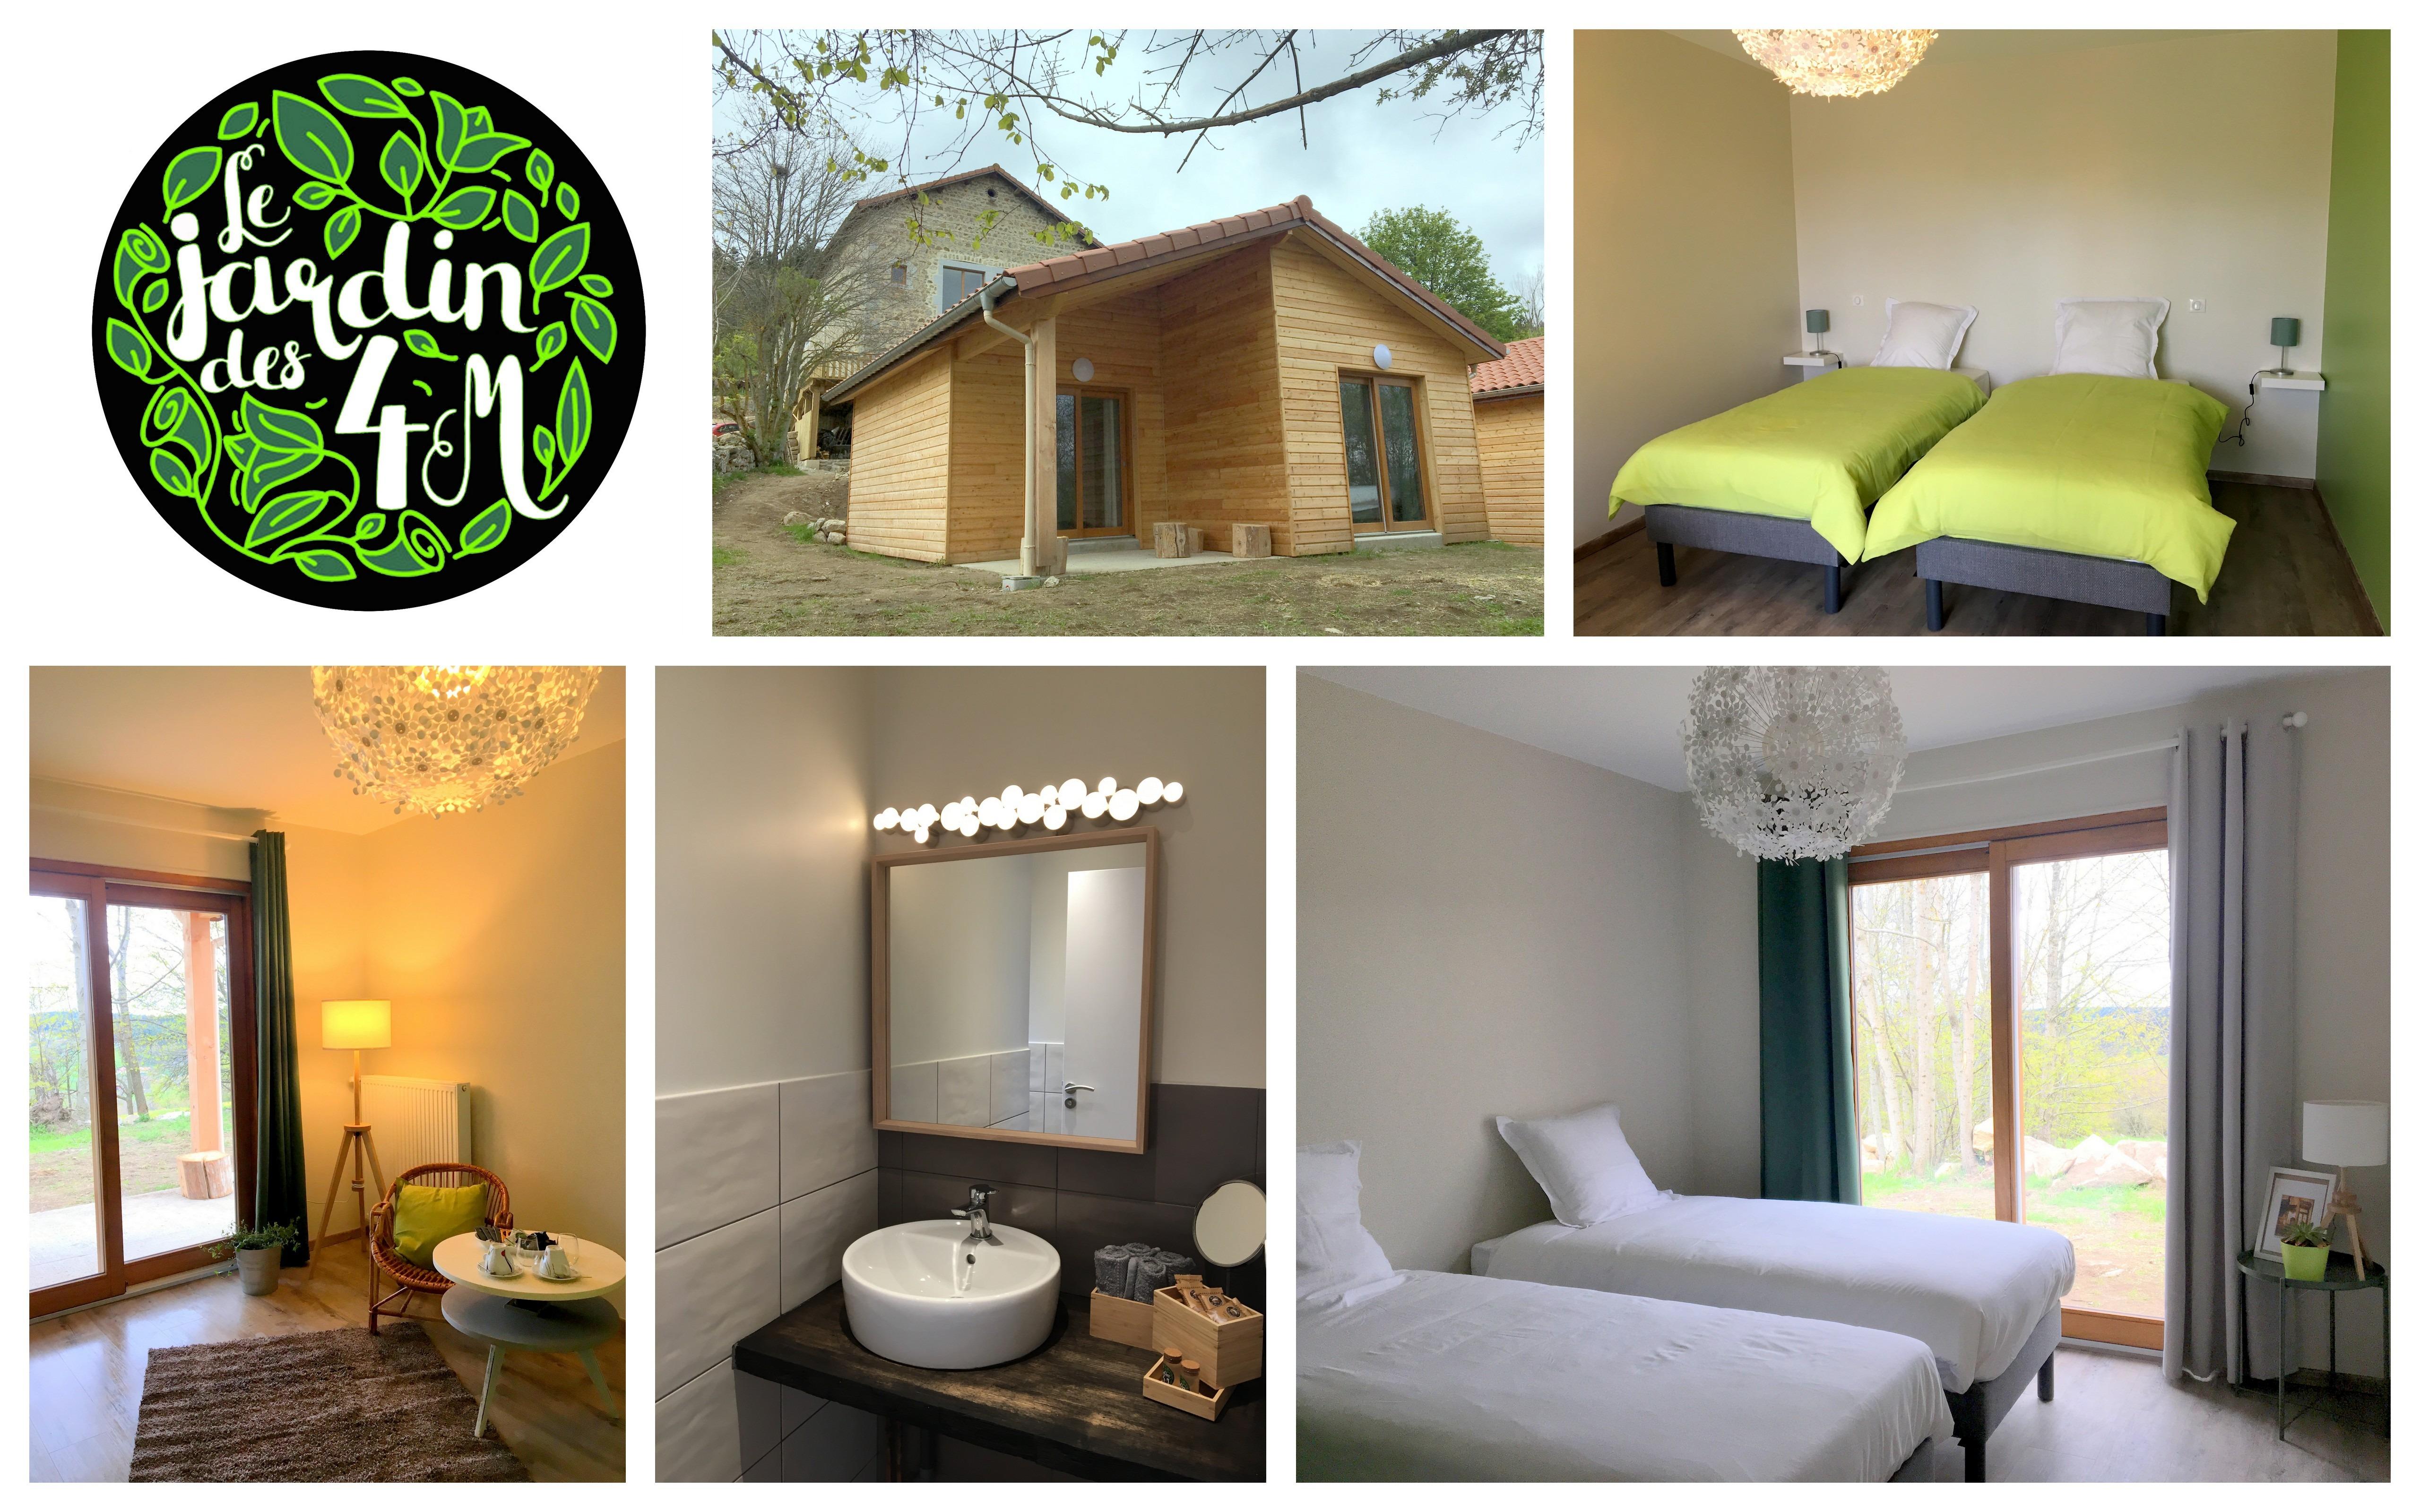 Chambres & Chalets Le Jardin des 4M